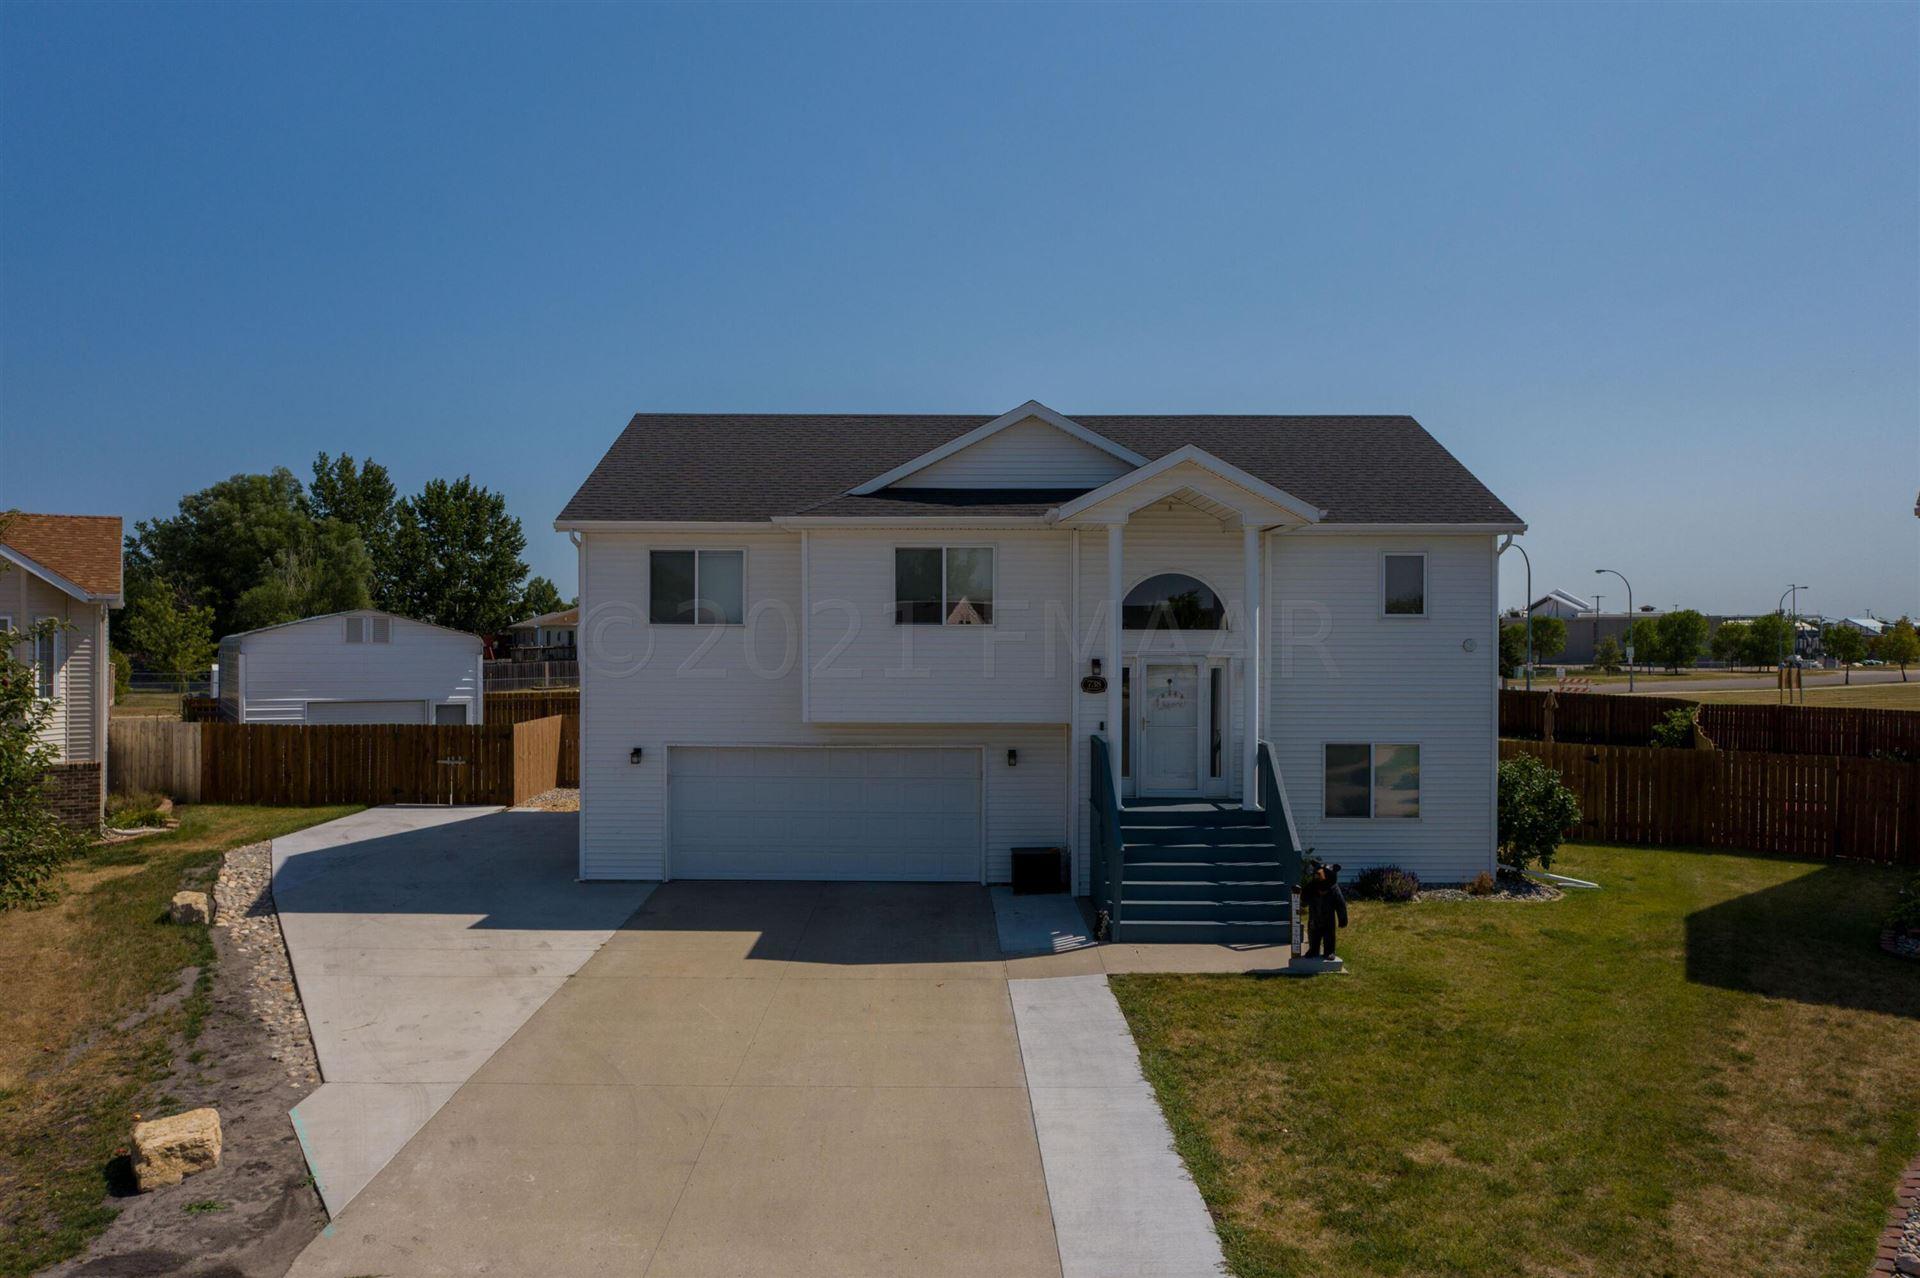 738 HOMESTEAD Court, West Fargo, ND 58078 - #: 21-4789